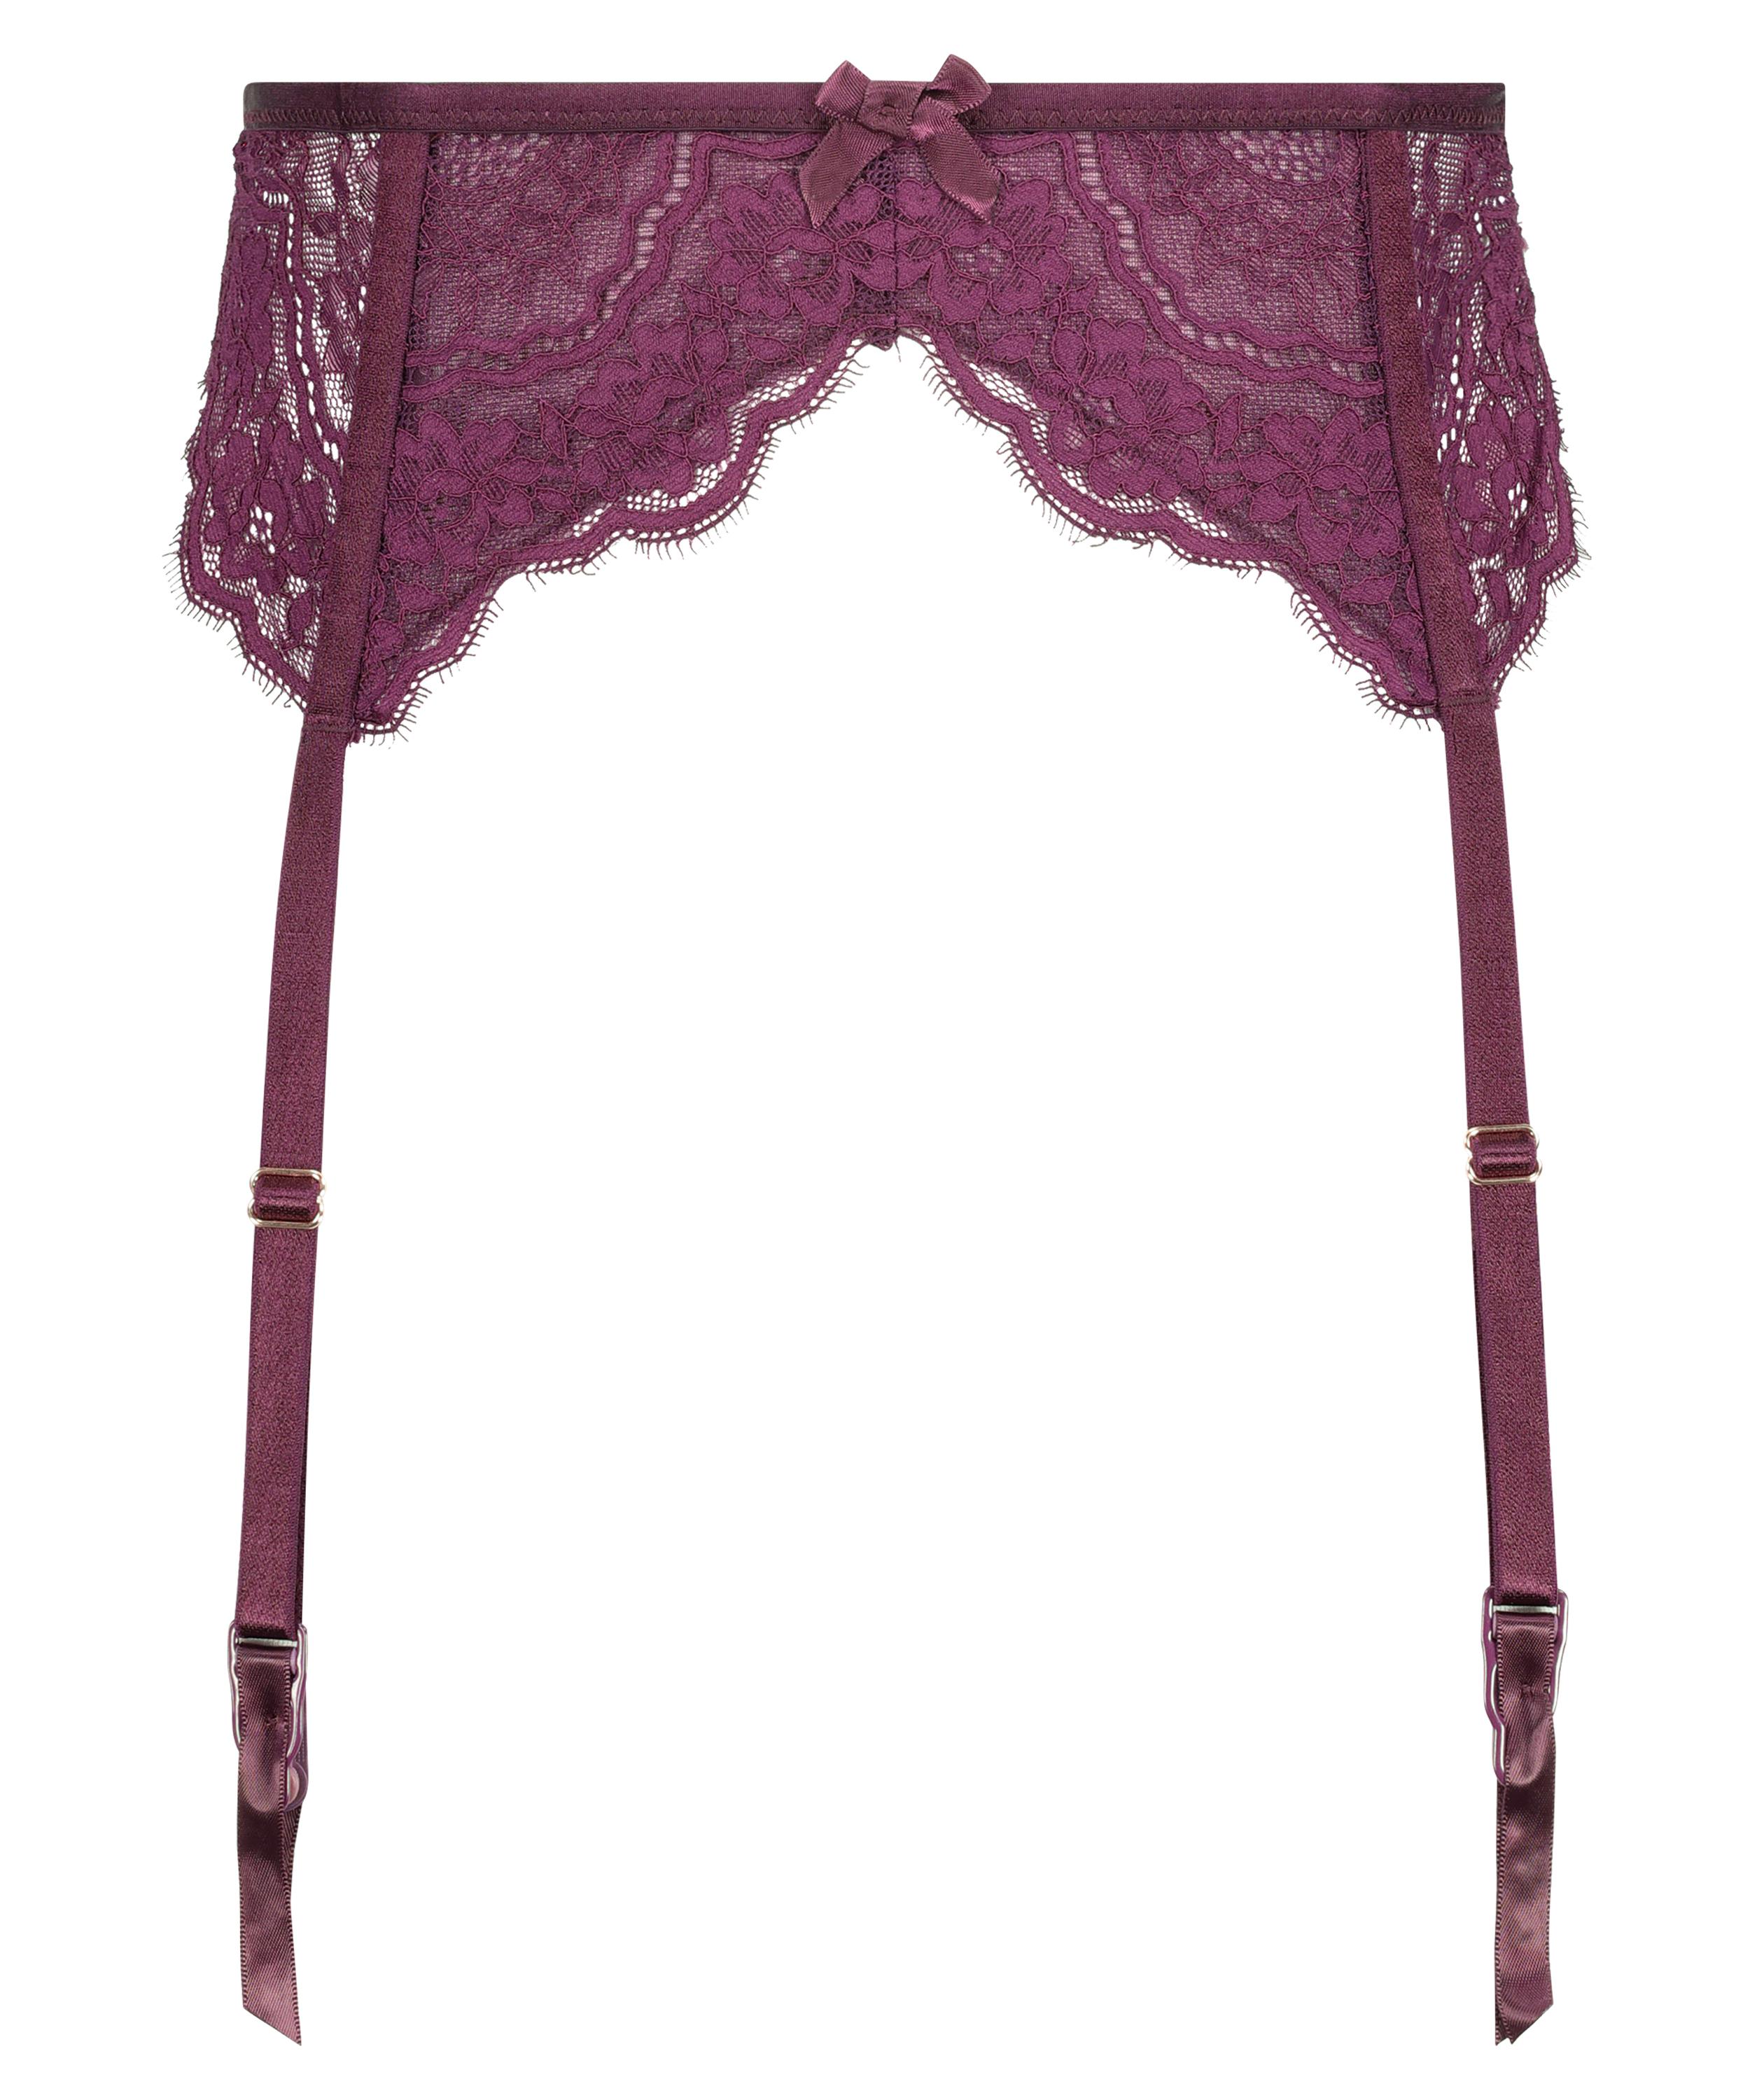 Melissa strumebandshållare, Lila, main